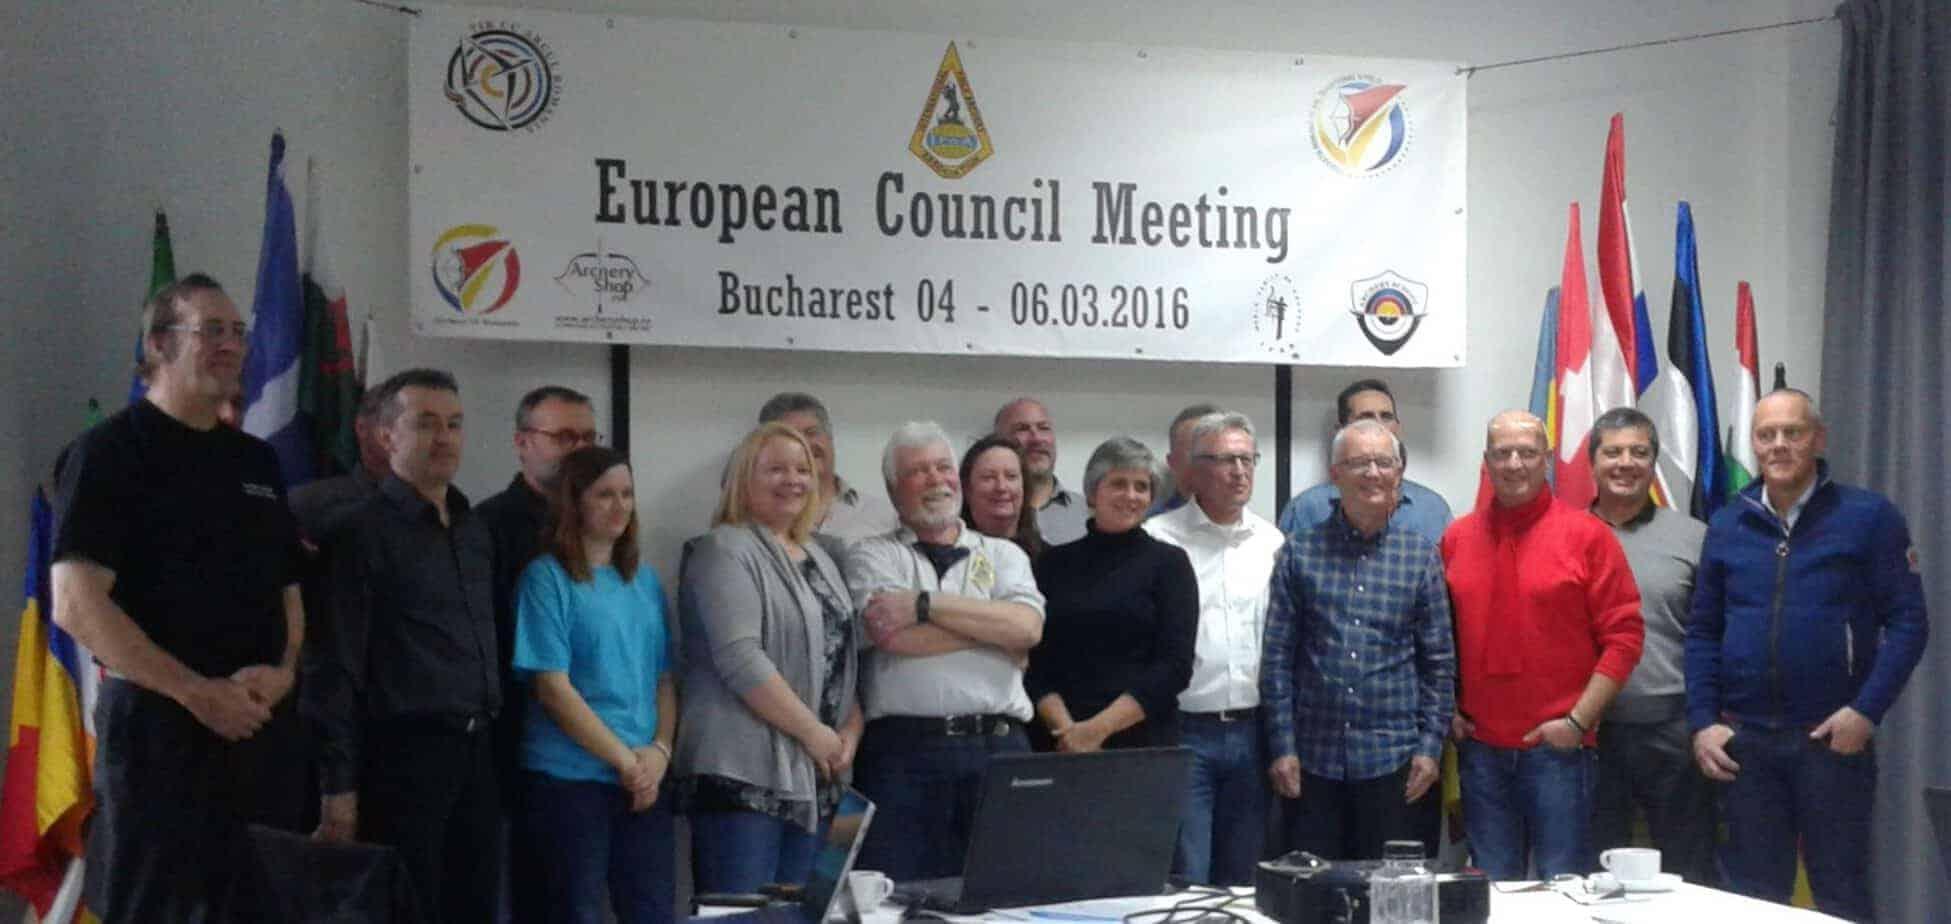 Interjú Vánky Sebastiannal, az IFAA Európai Szövetség új elnökével